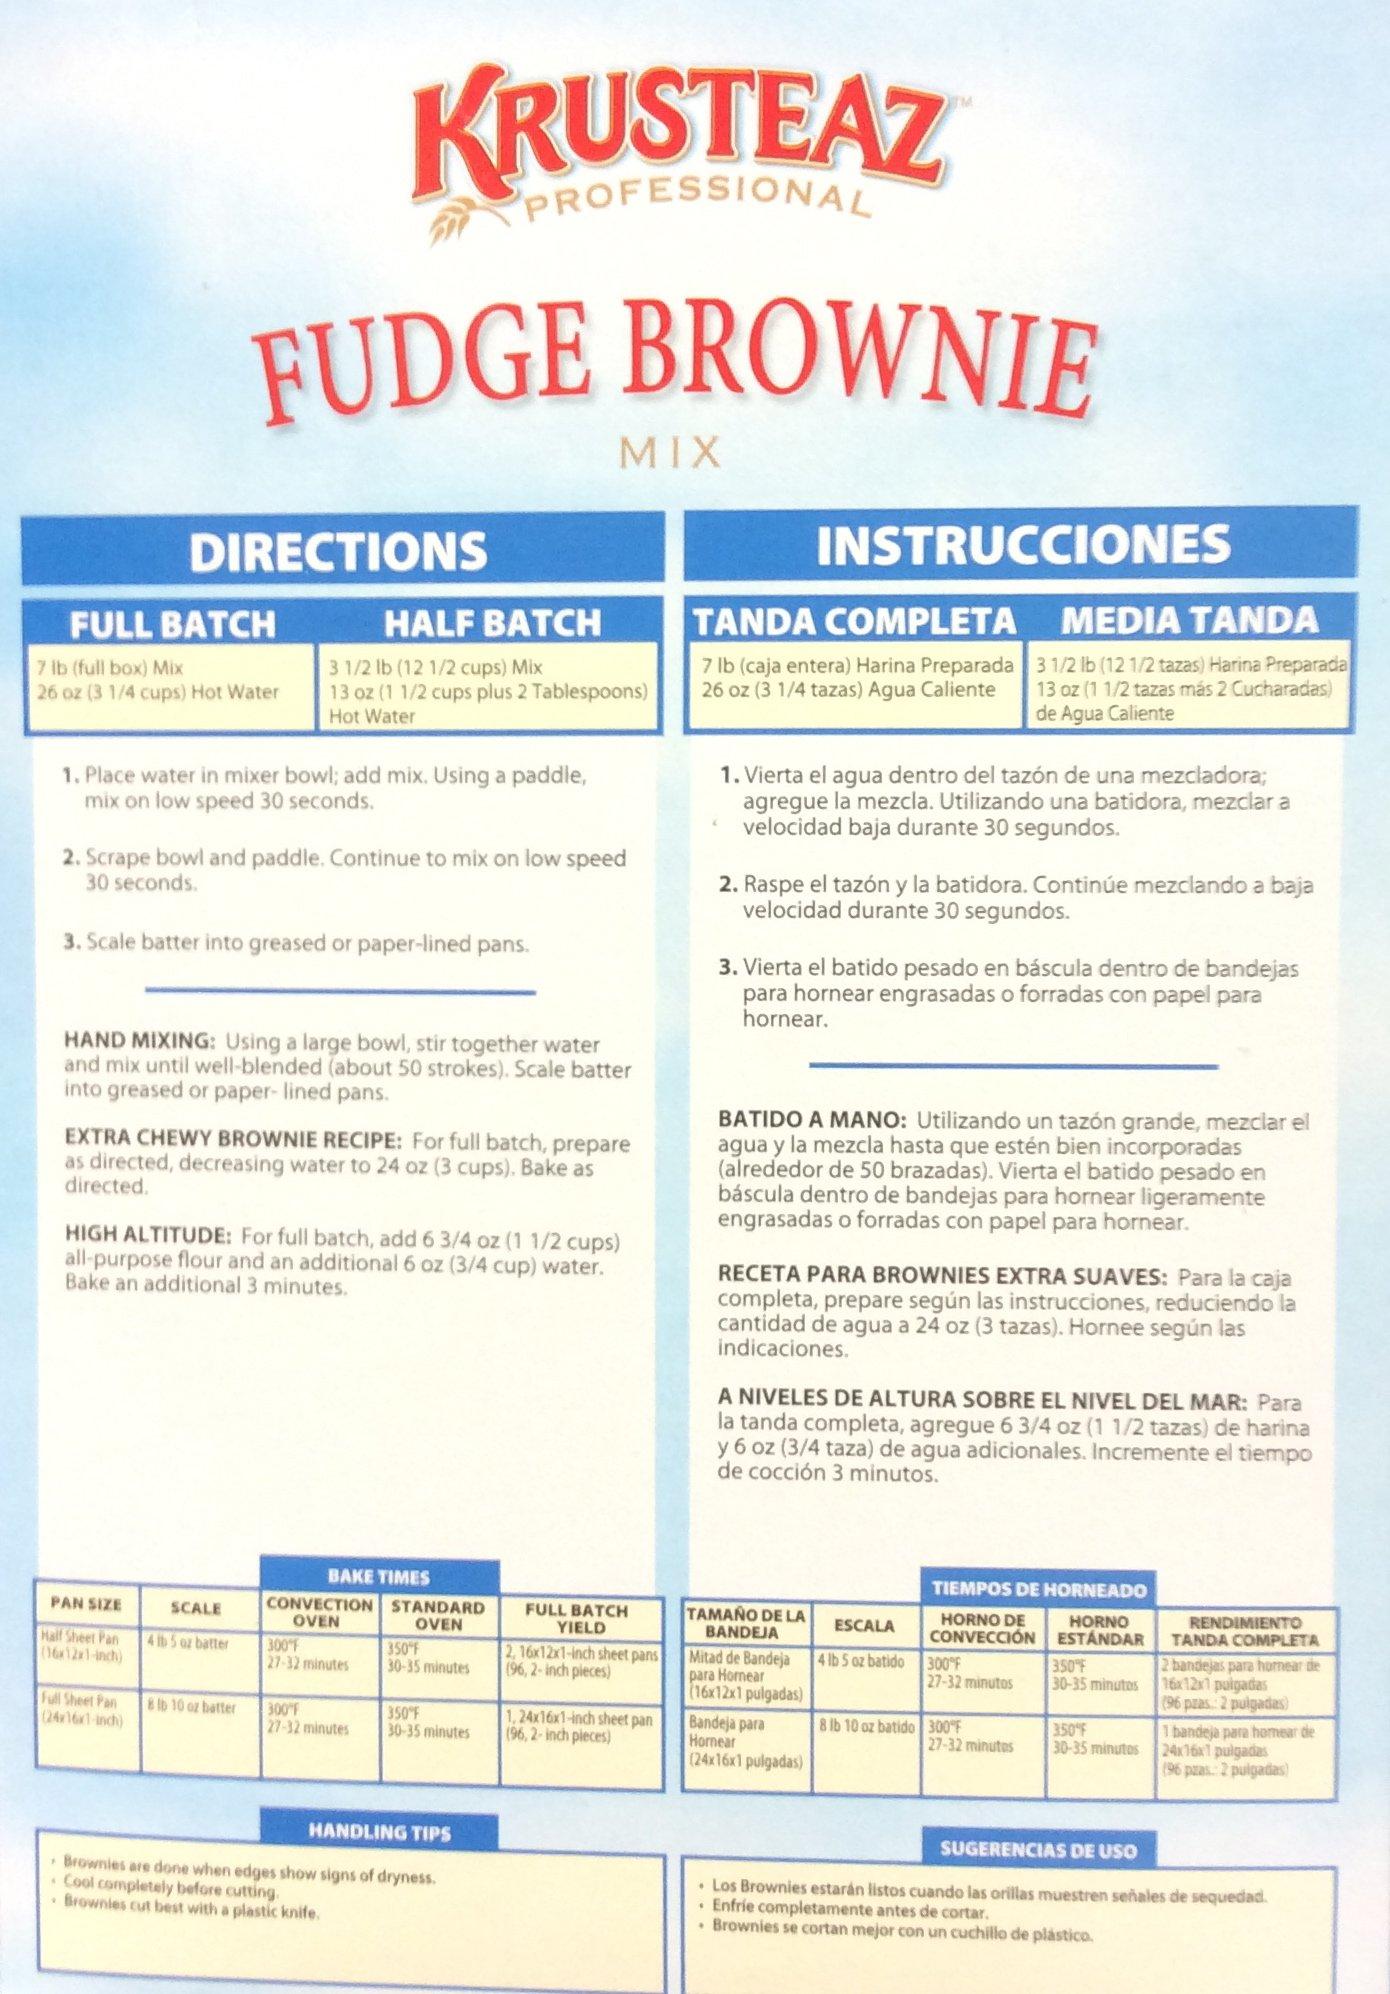 Krusteaz FUDGE BROWNIE Mix 7lb. (4 Pack) by Krusteaz (Image #2)